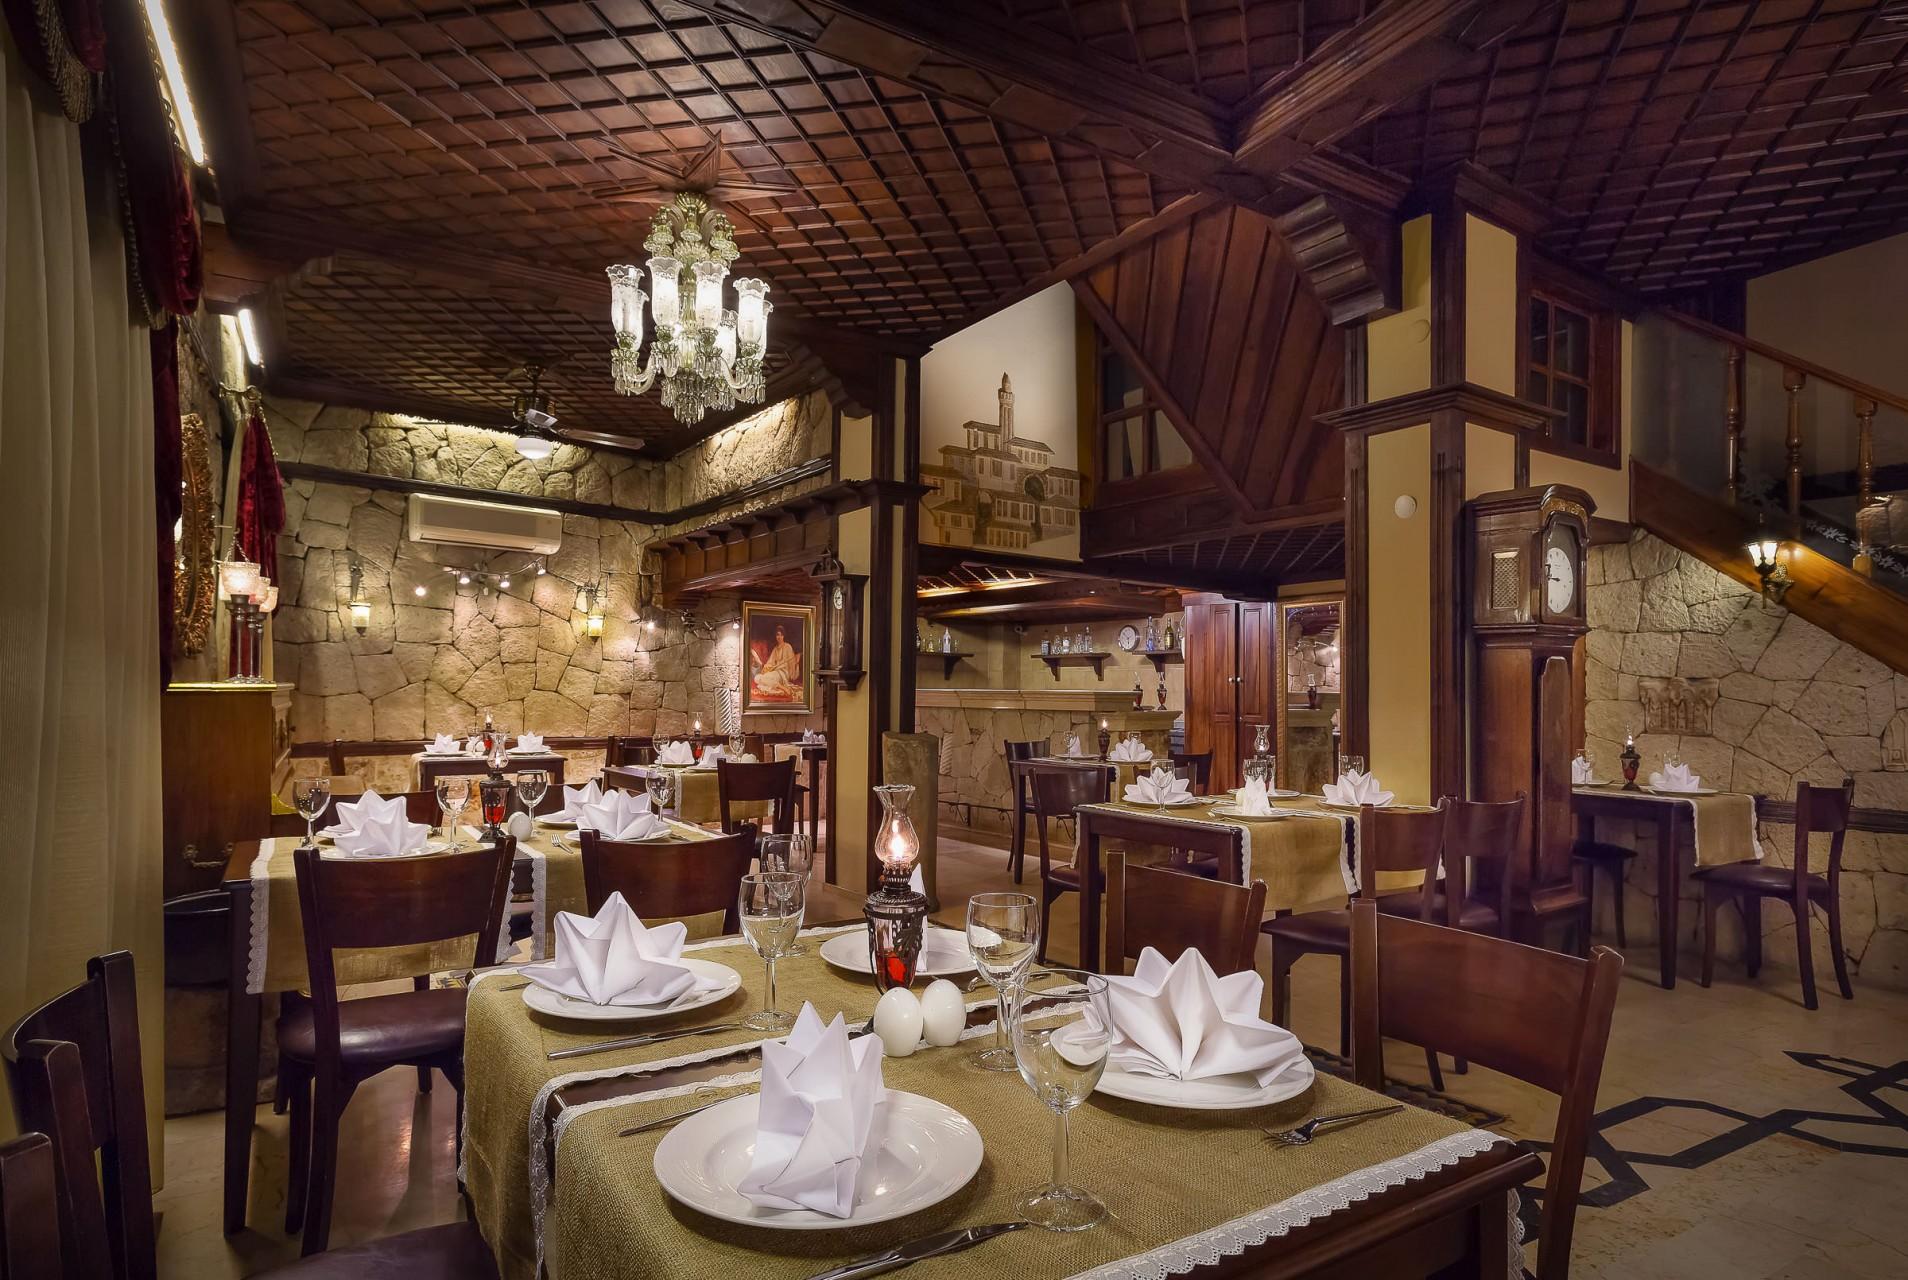 Best Architecture Photographer Thailand   Prana Resorts Dogan Hotel Antalya kaleici Restaurant